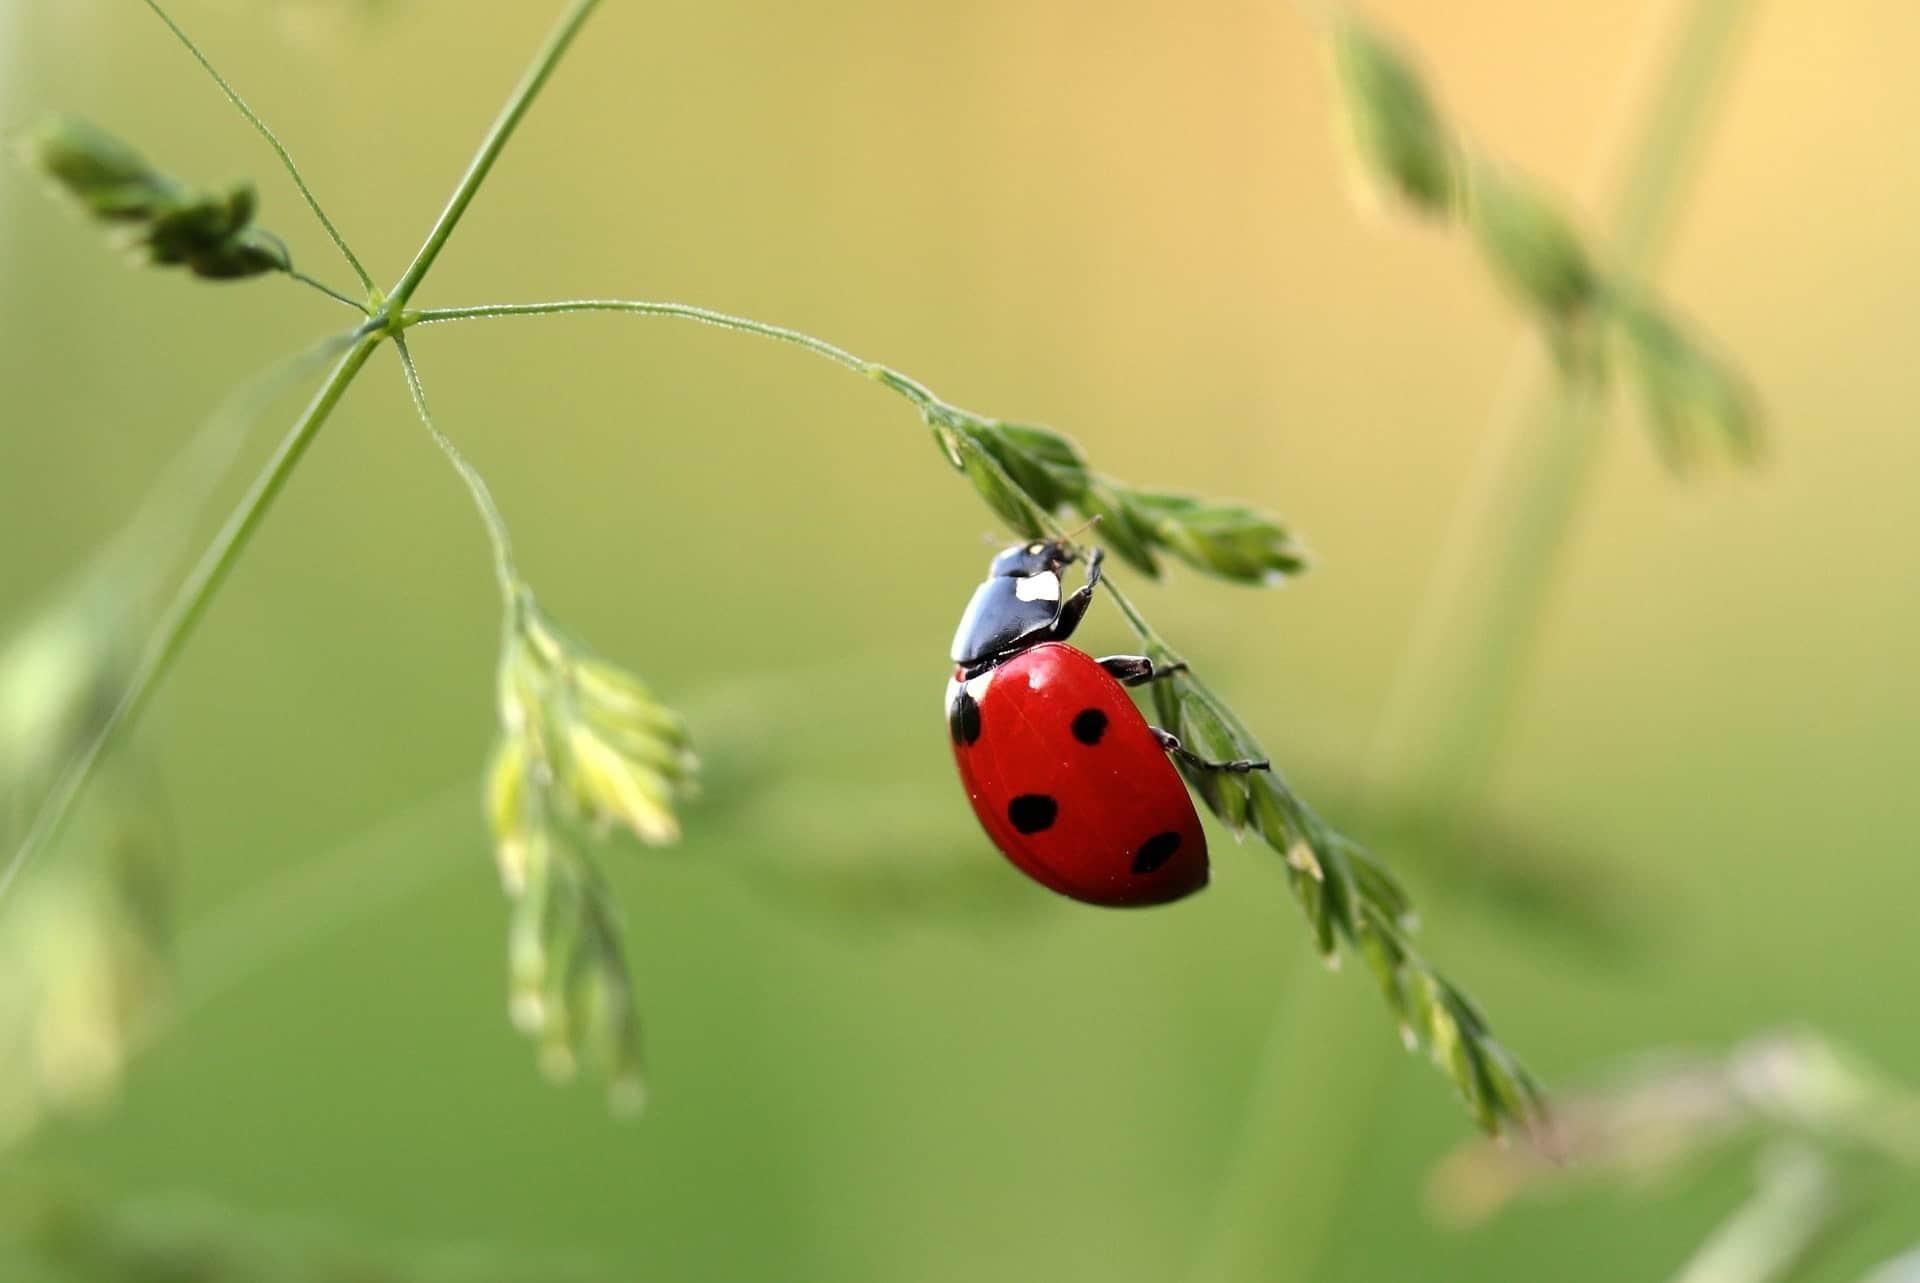 A ladybug clinging on thin leaves.